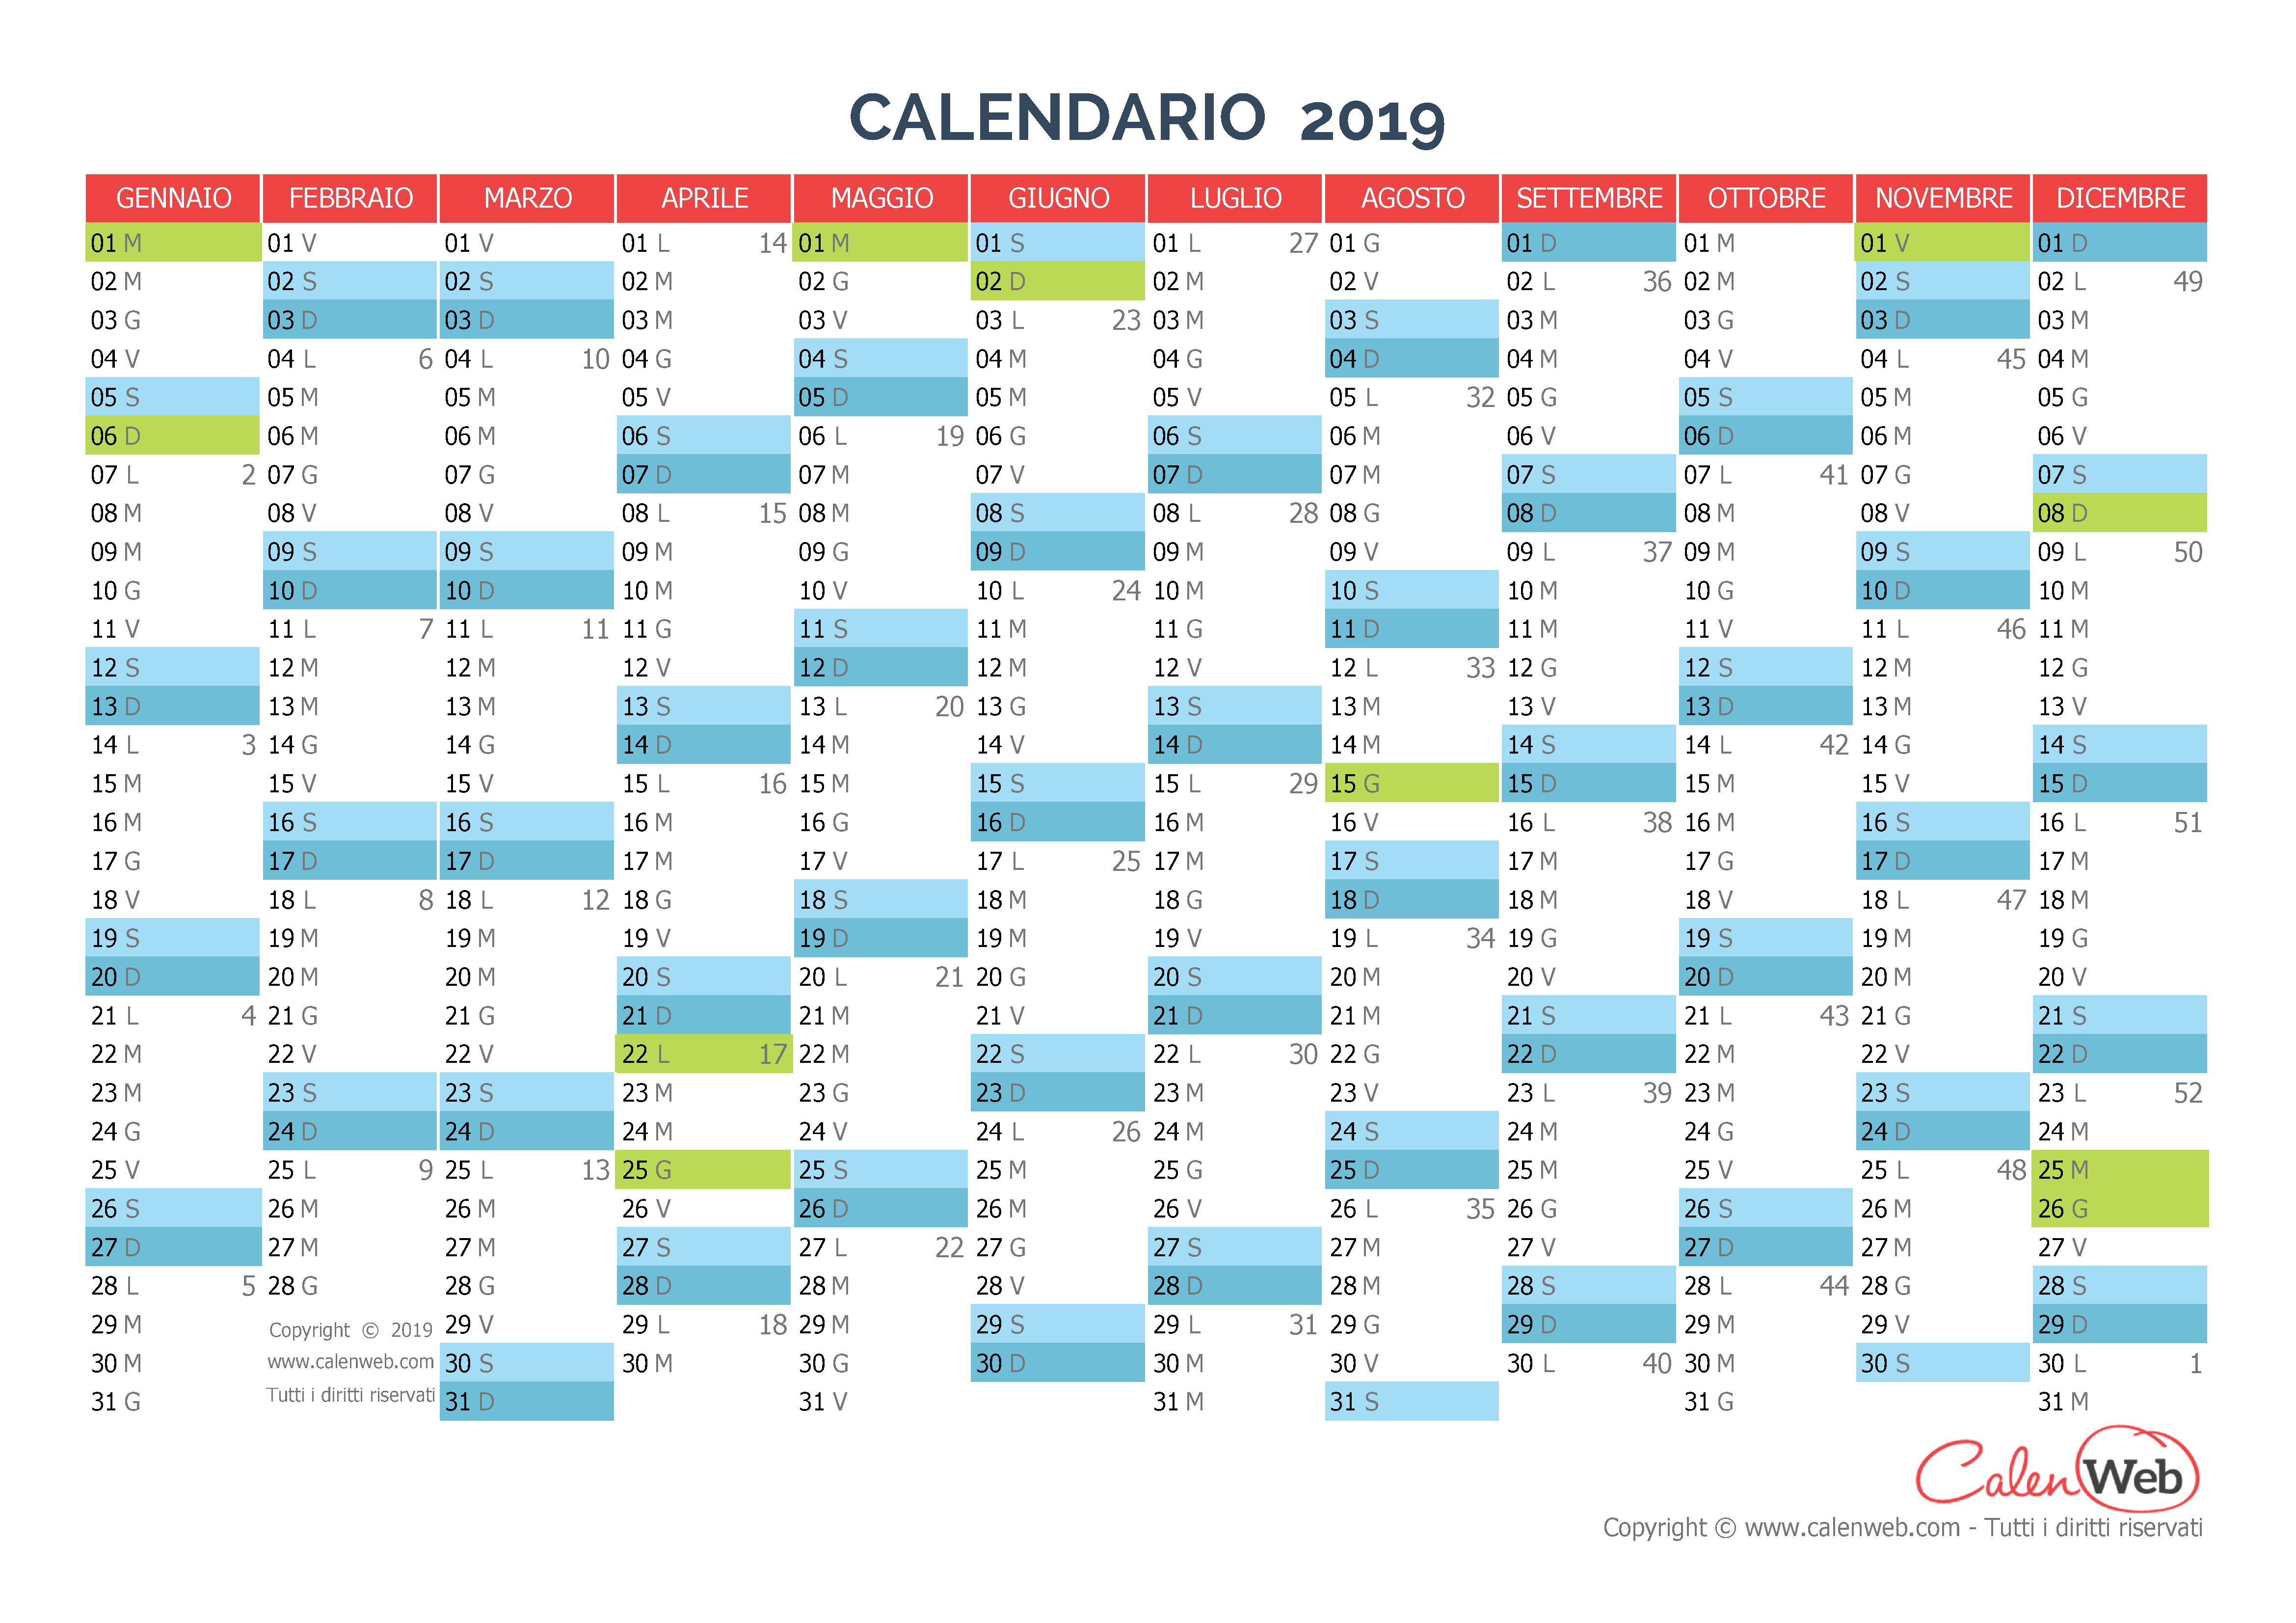 Calendario Annuale Da Stampare 2019.Calendario Annuale Anno 2019 Con Le Festivita Italiane